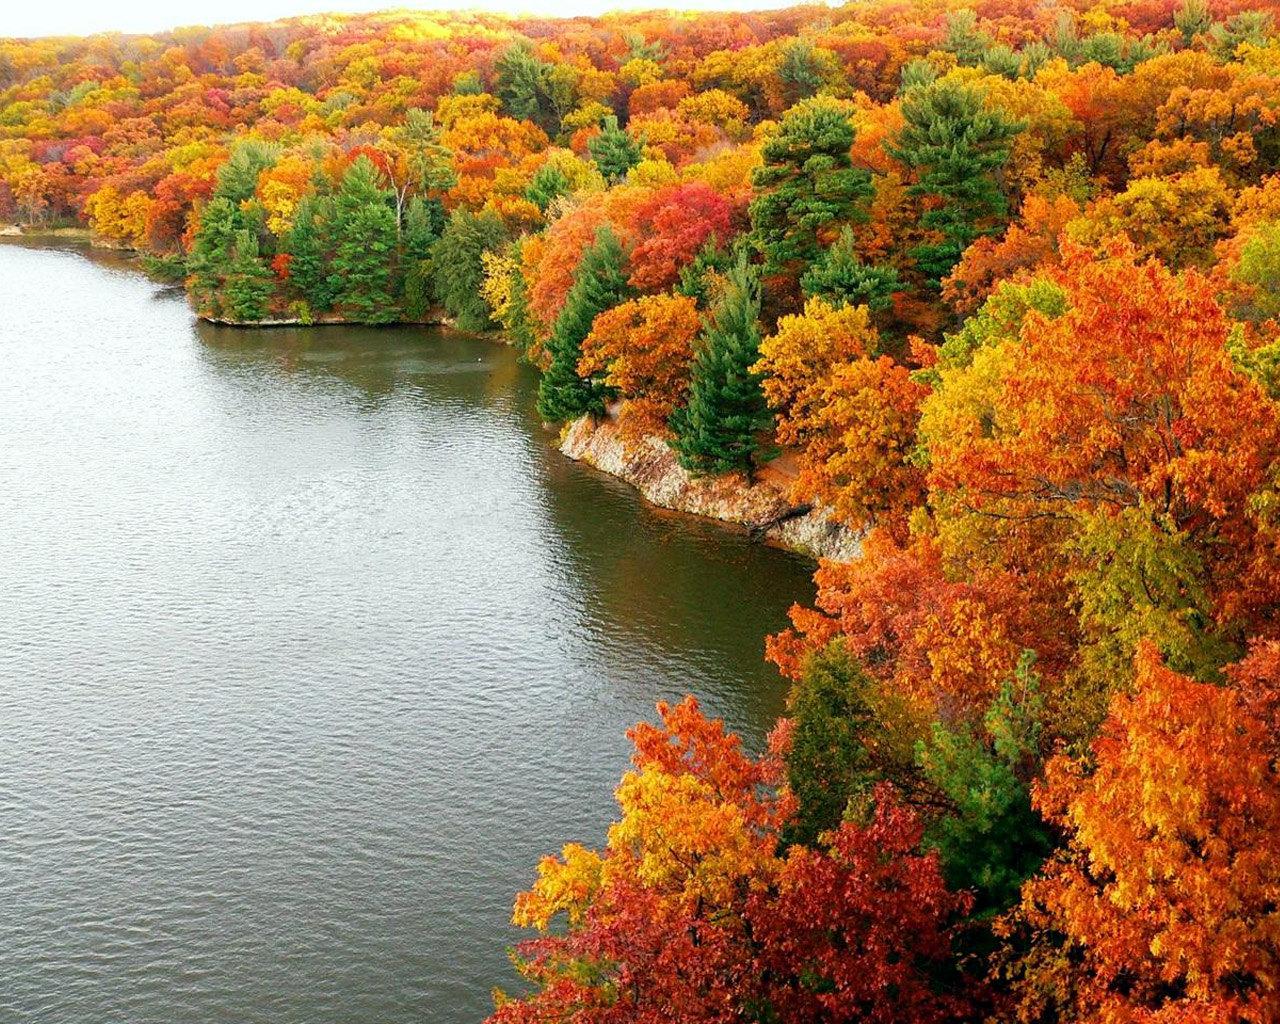 season wallpaper autumn season wallpaper autumn season wallpaper 1280x1024